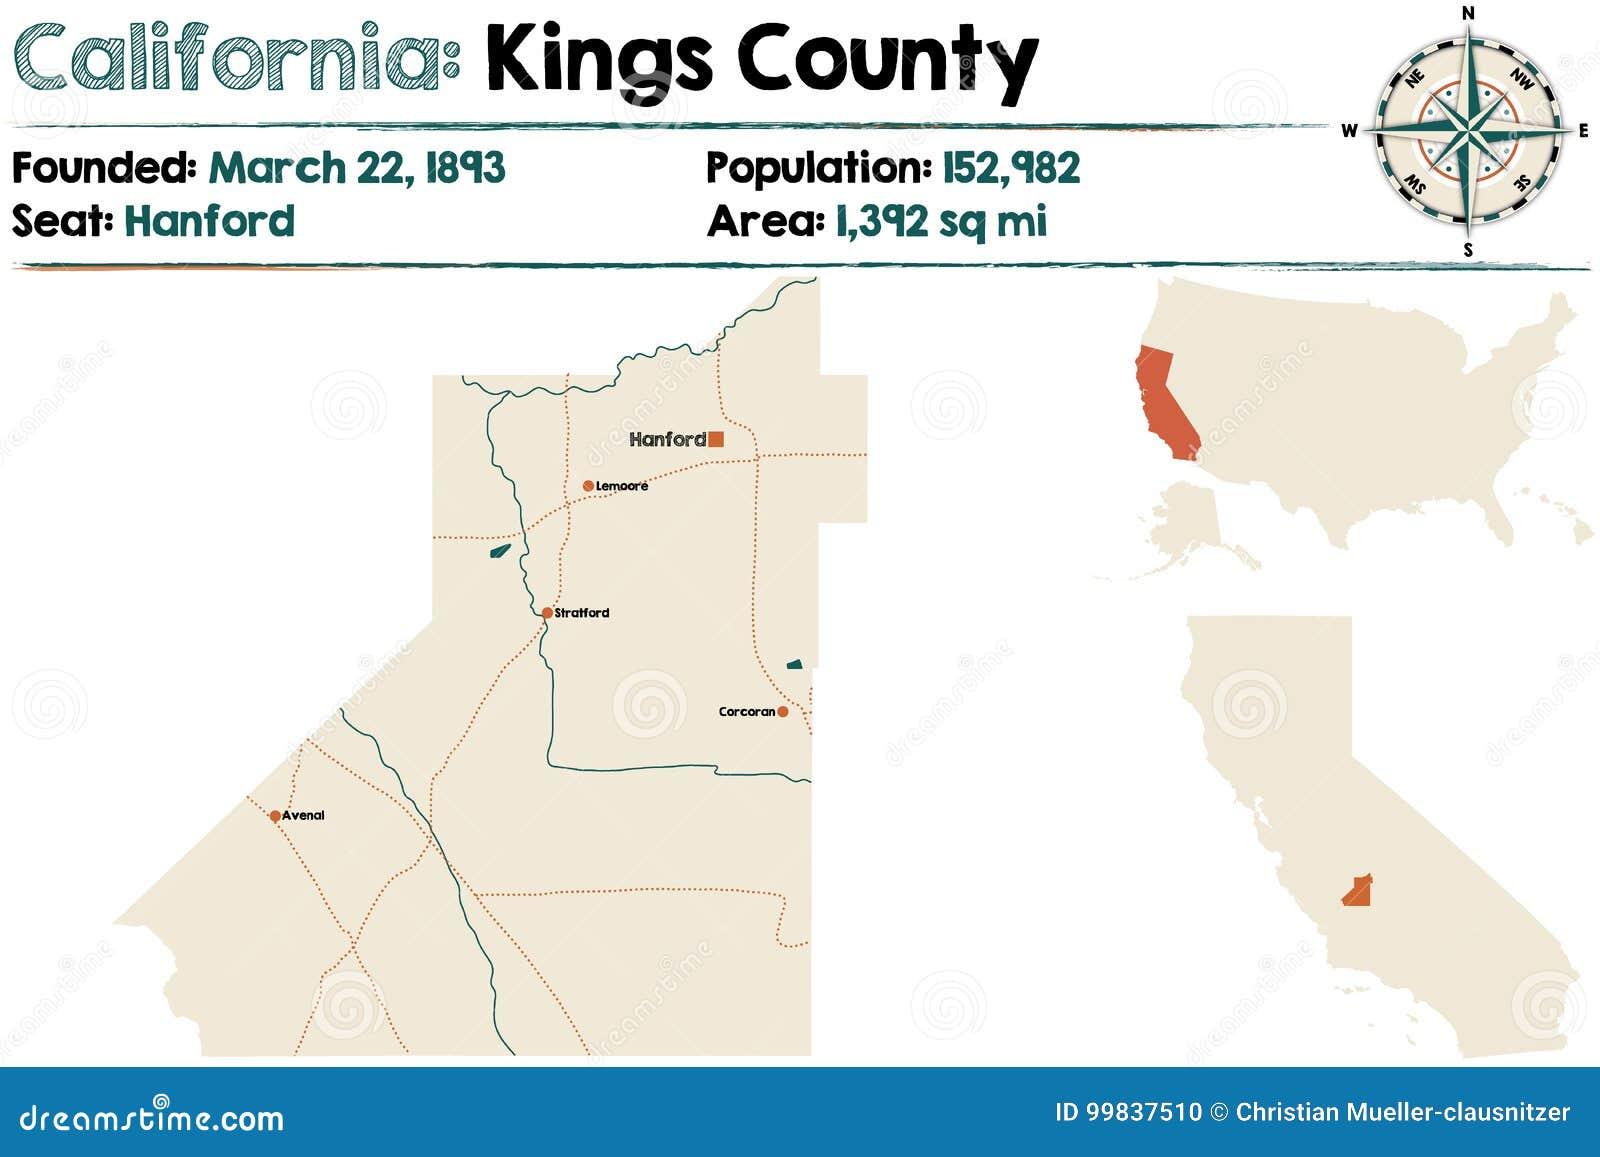 Califórnia: Mapa do Condado de Kings